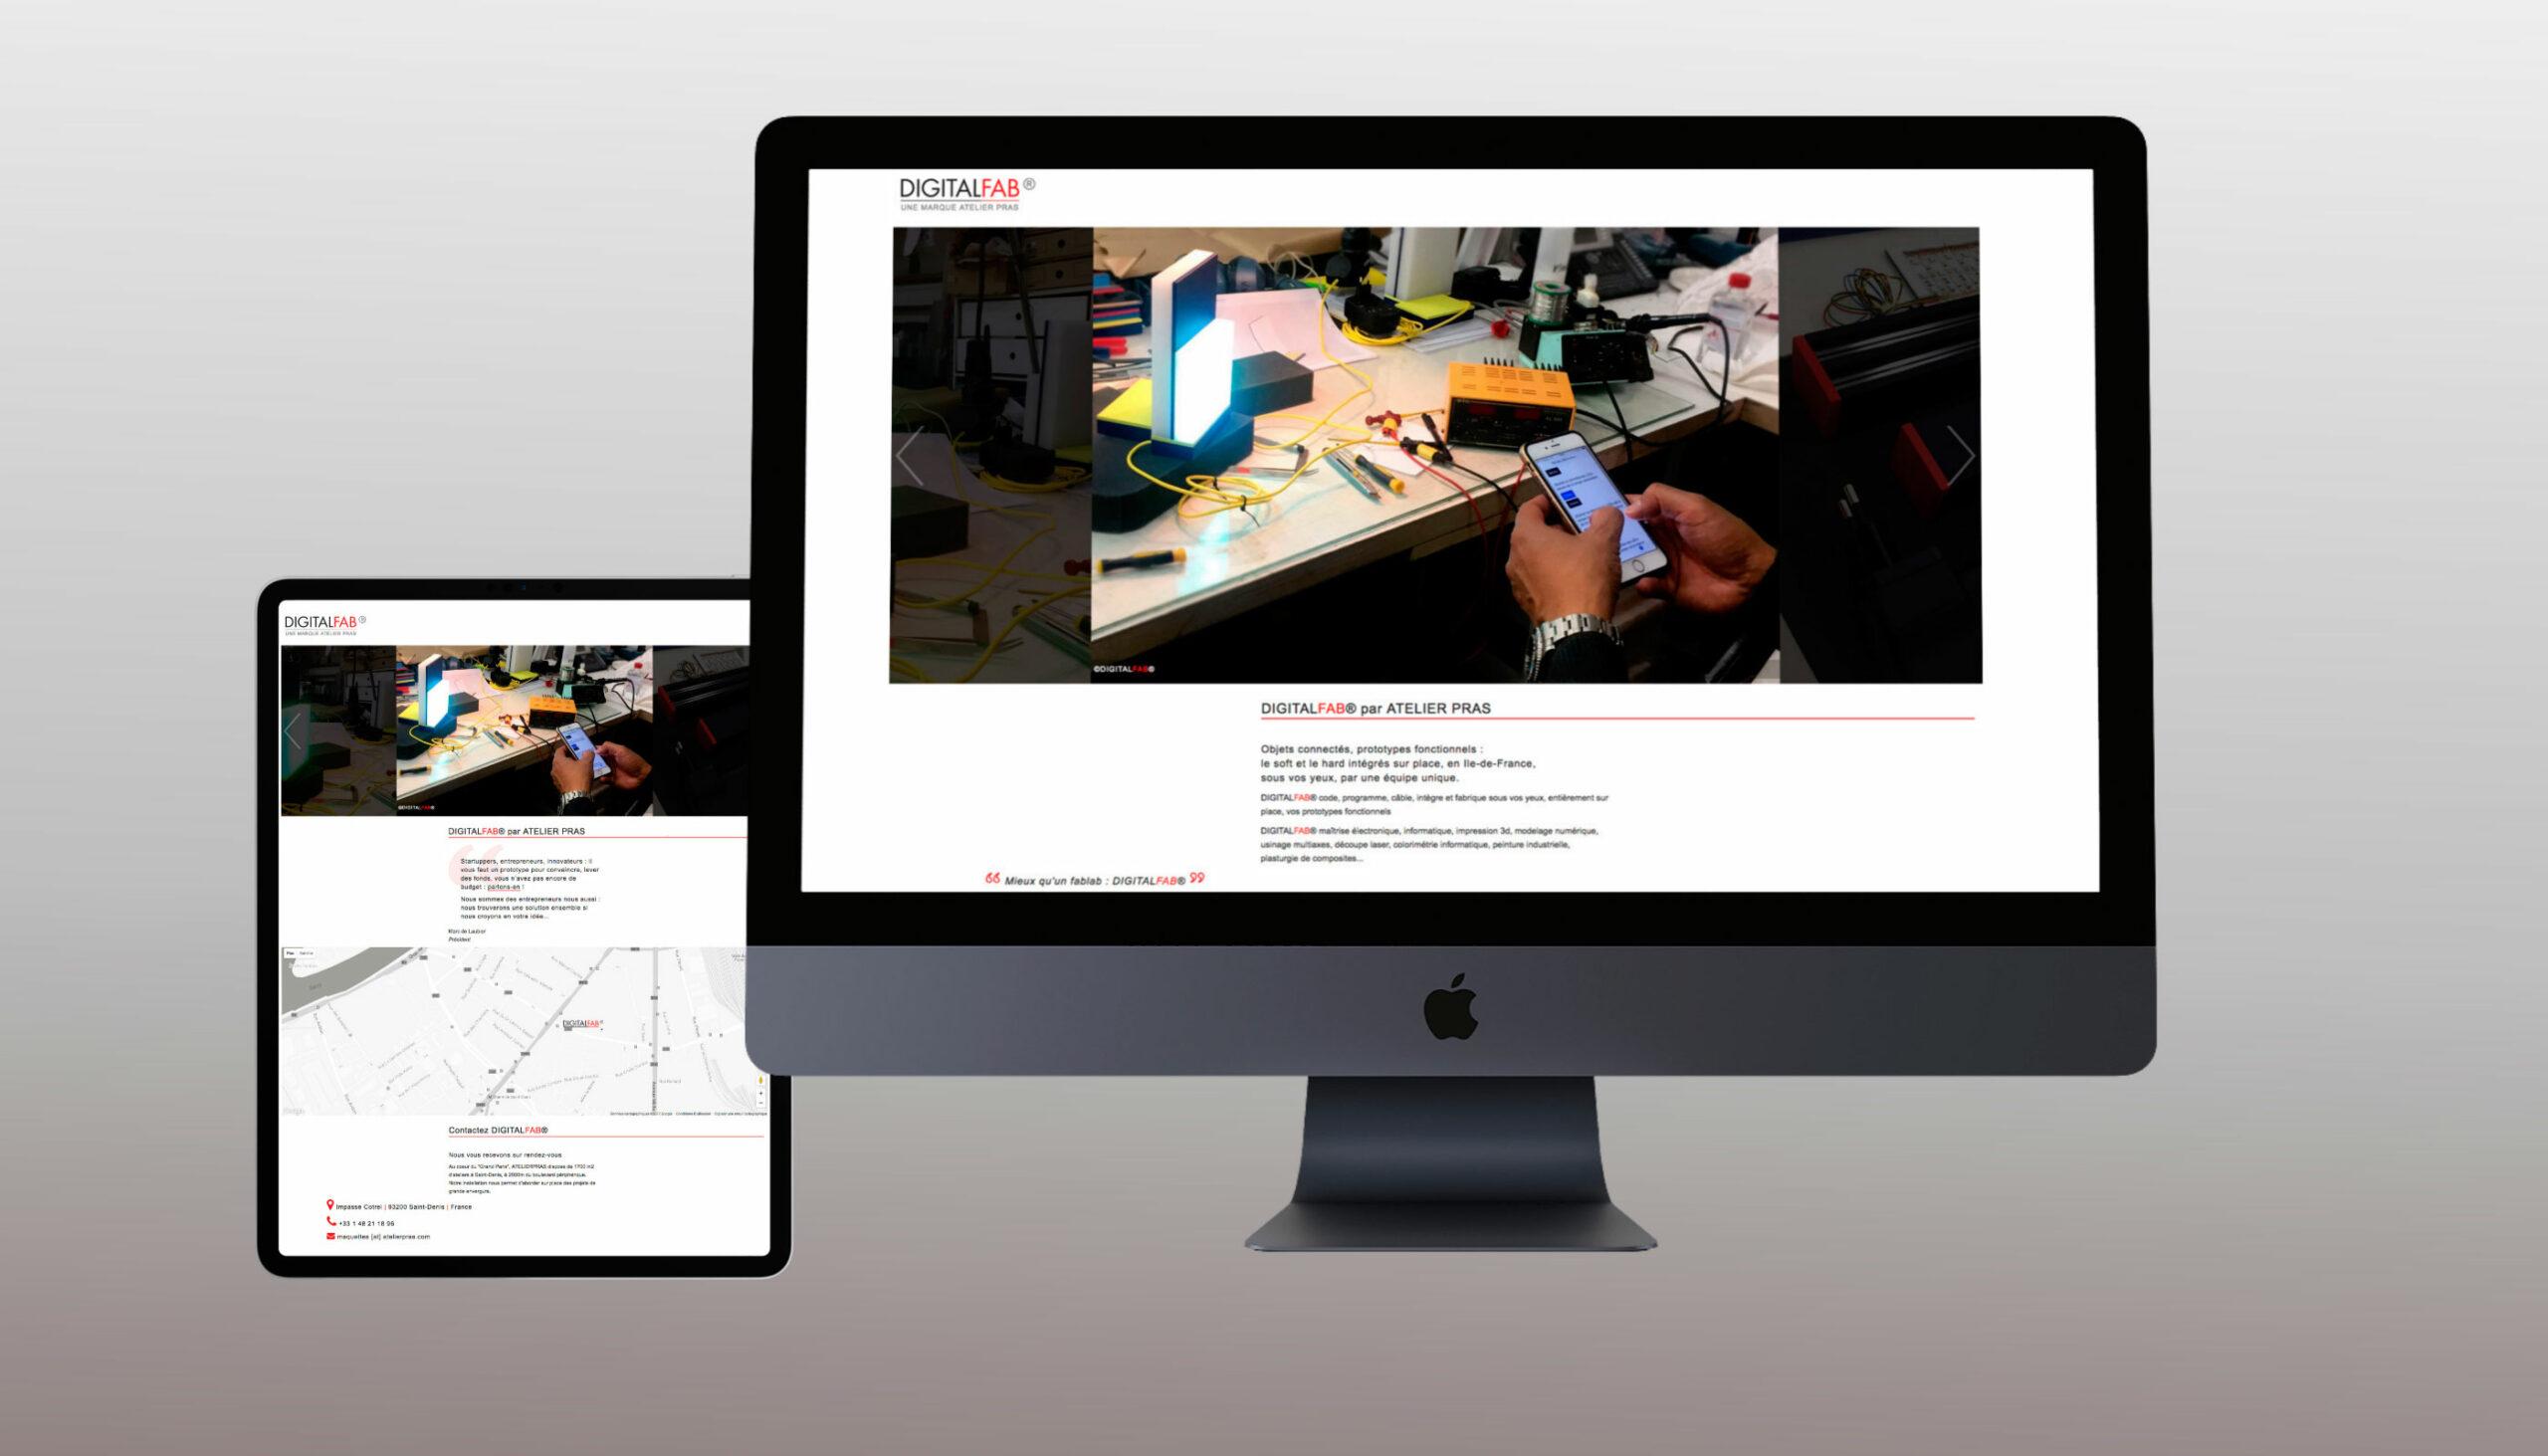 Responsive Website DigitalFab® auf Tablet und Desktop